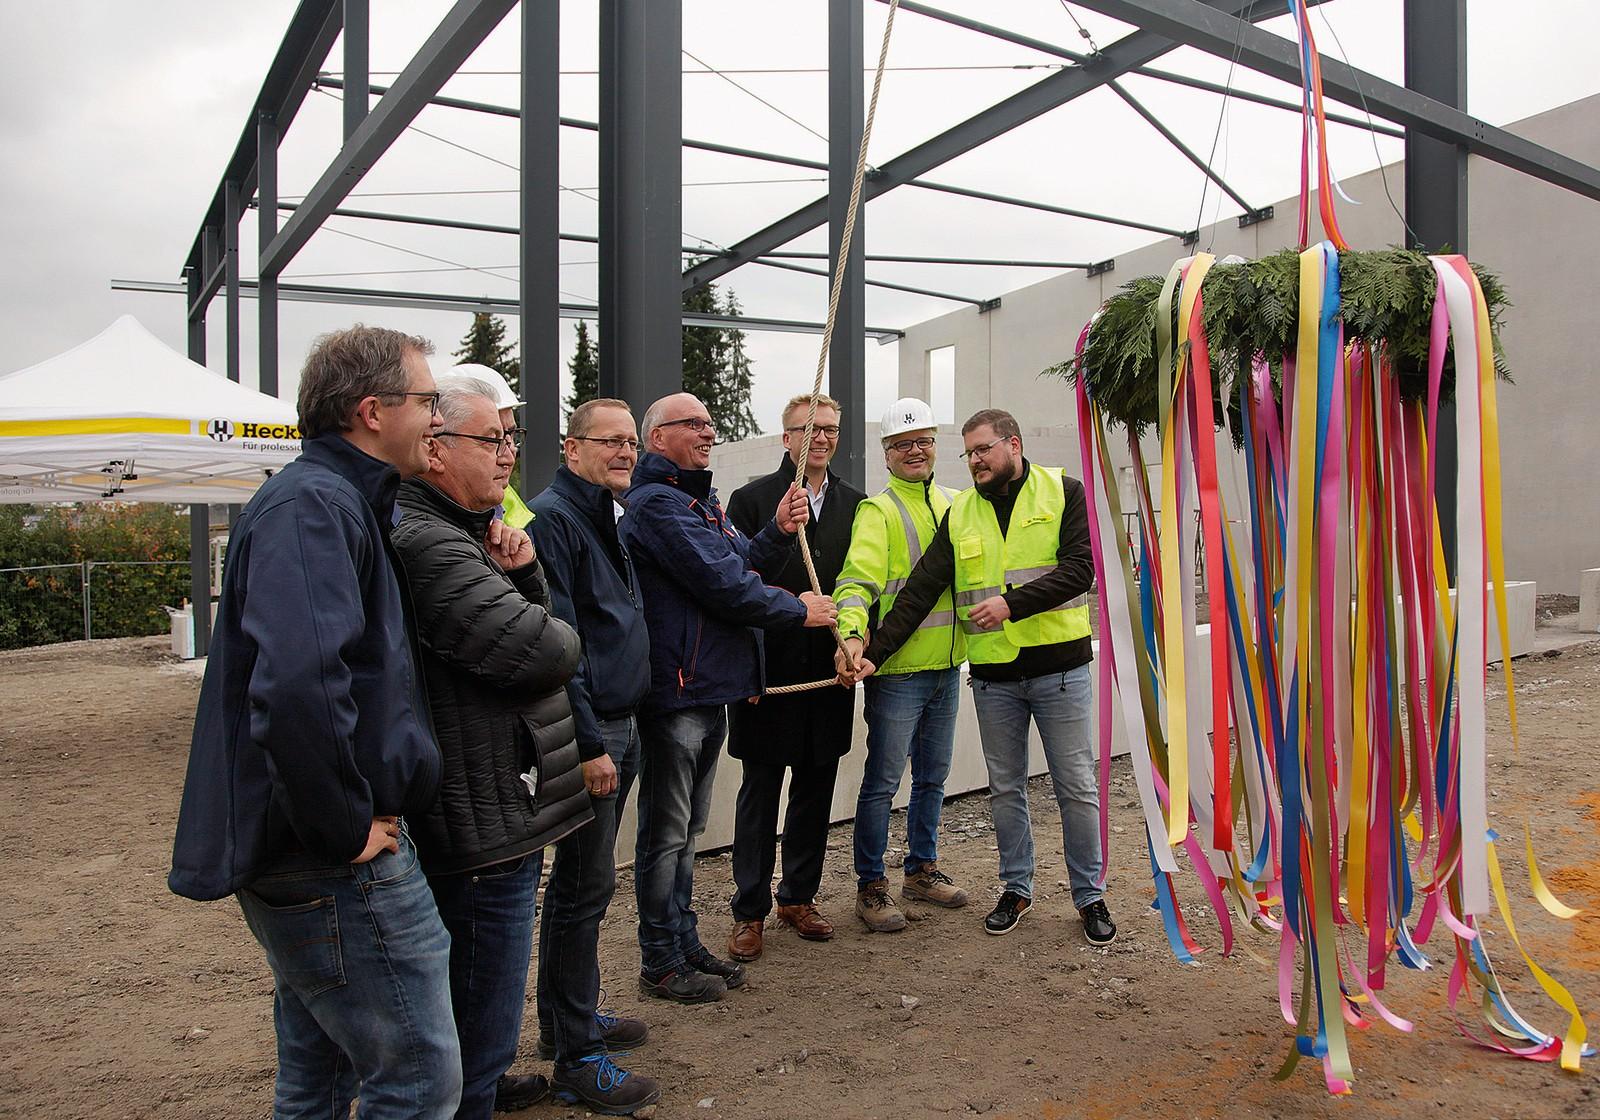 Richtfest in Hamm: Investor und Nutzer ziehen an einem Strang.